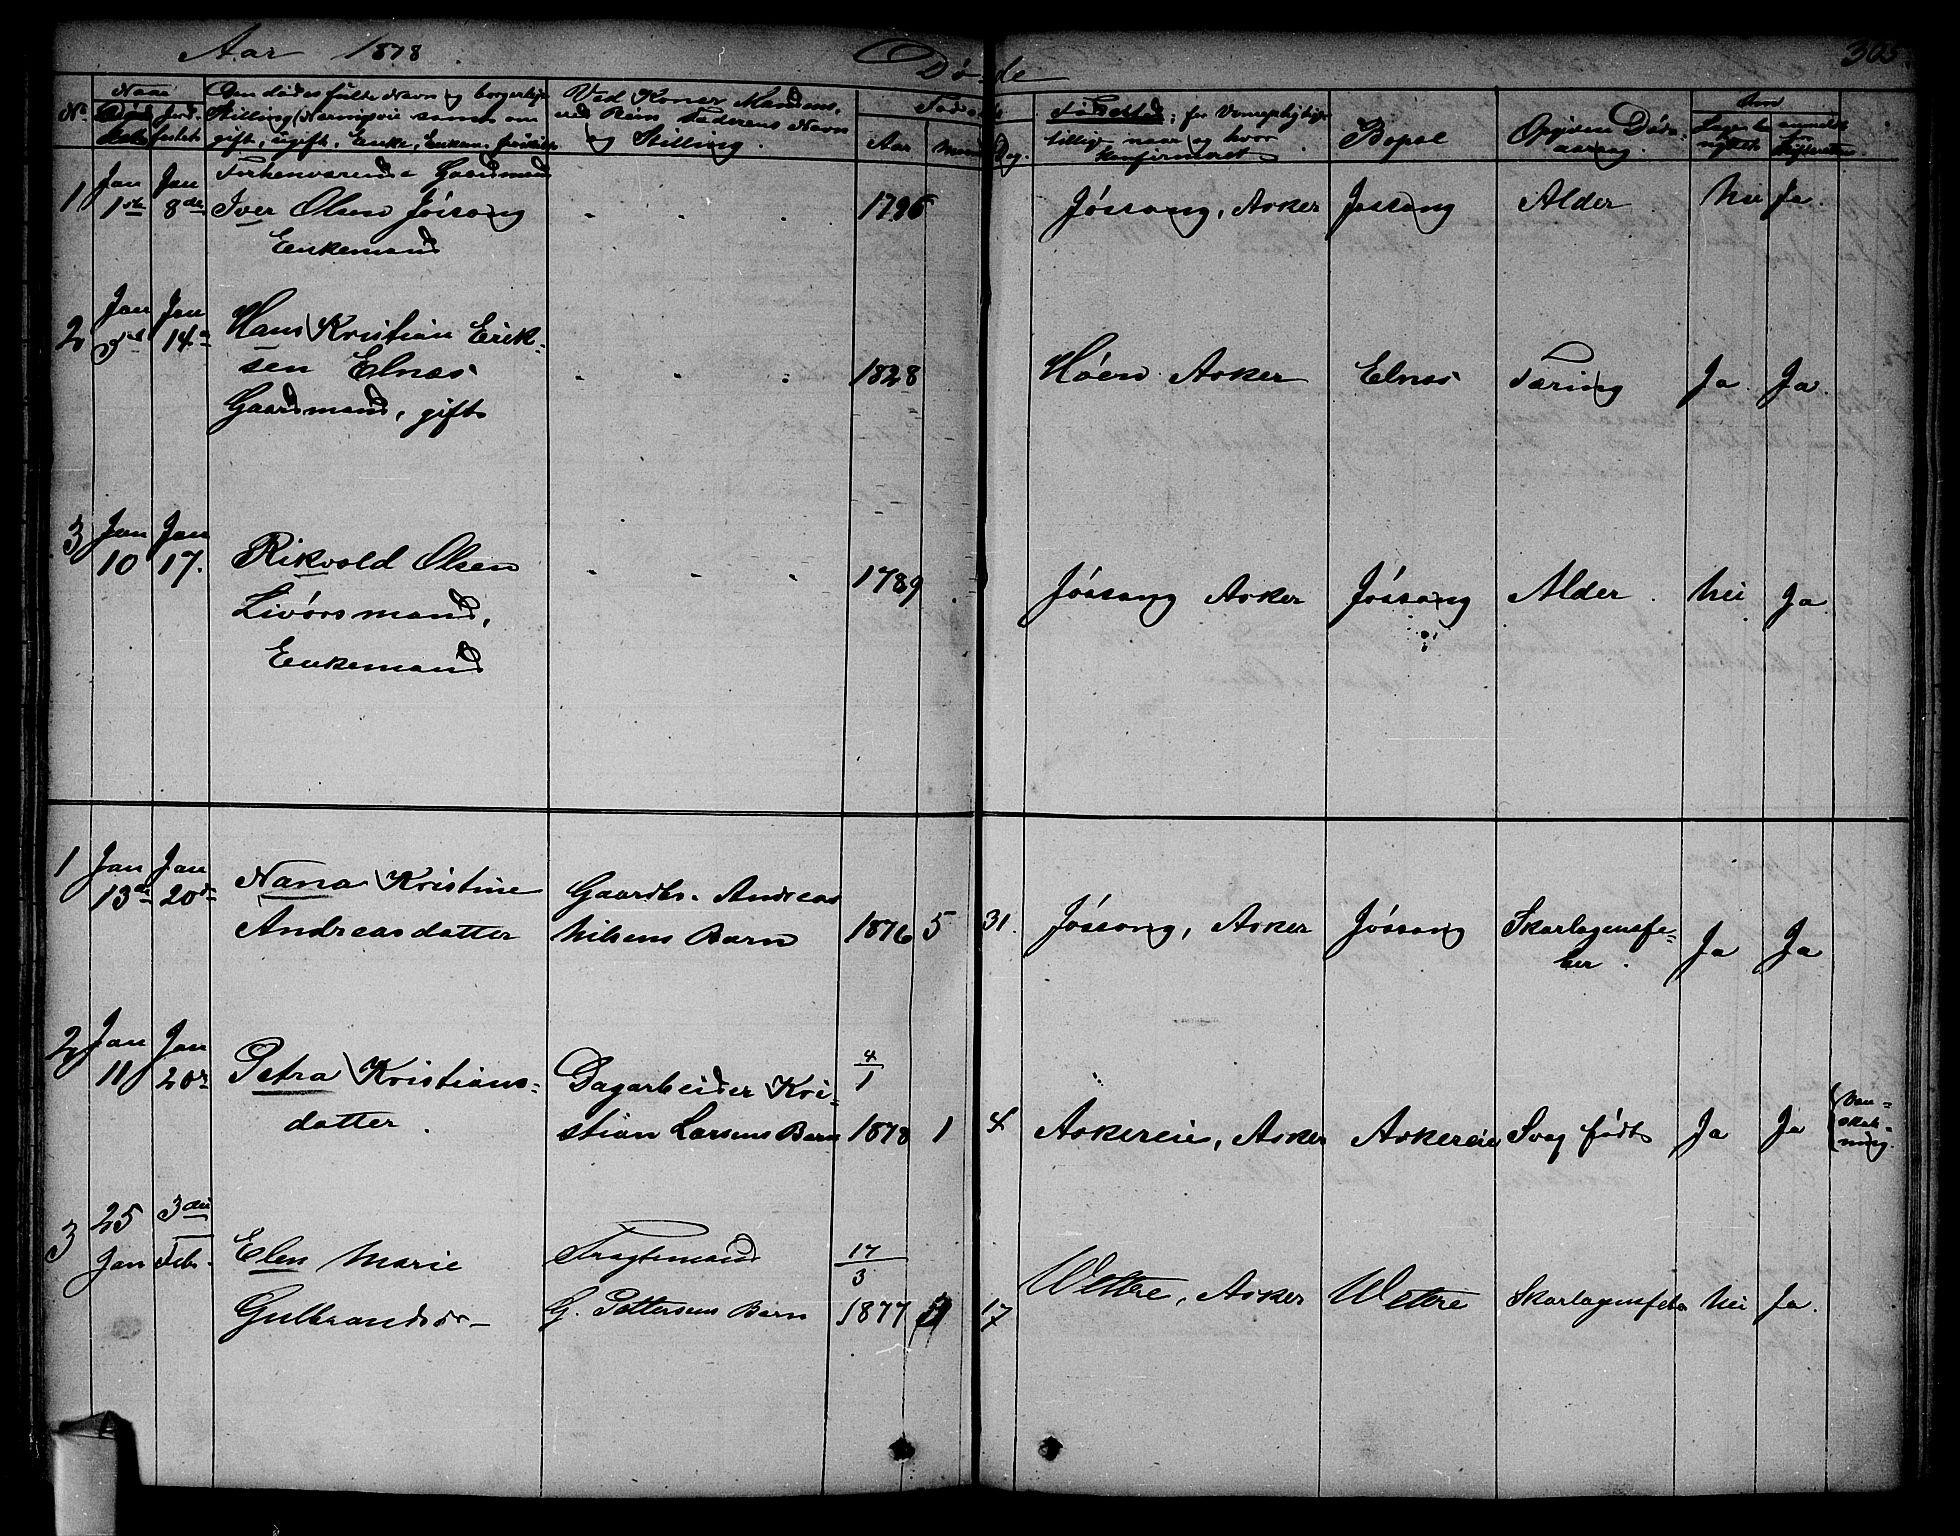 SAO, Asker prestekontor Kirkebøker, F/Fa/L0011: Ministerialbok nr. I 11, 1825-1878, s. 305